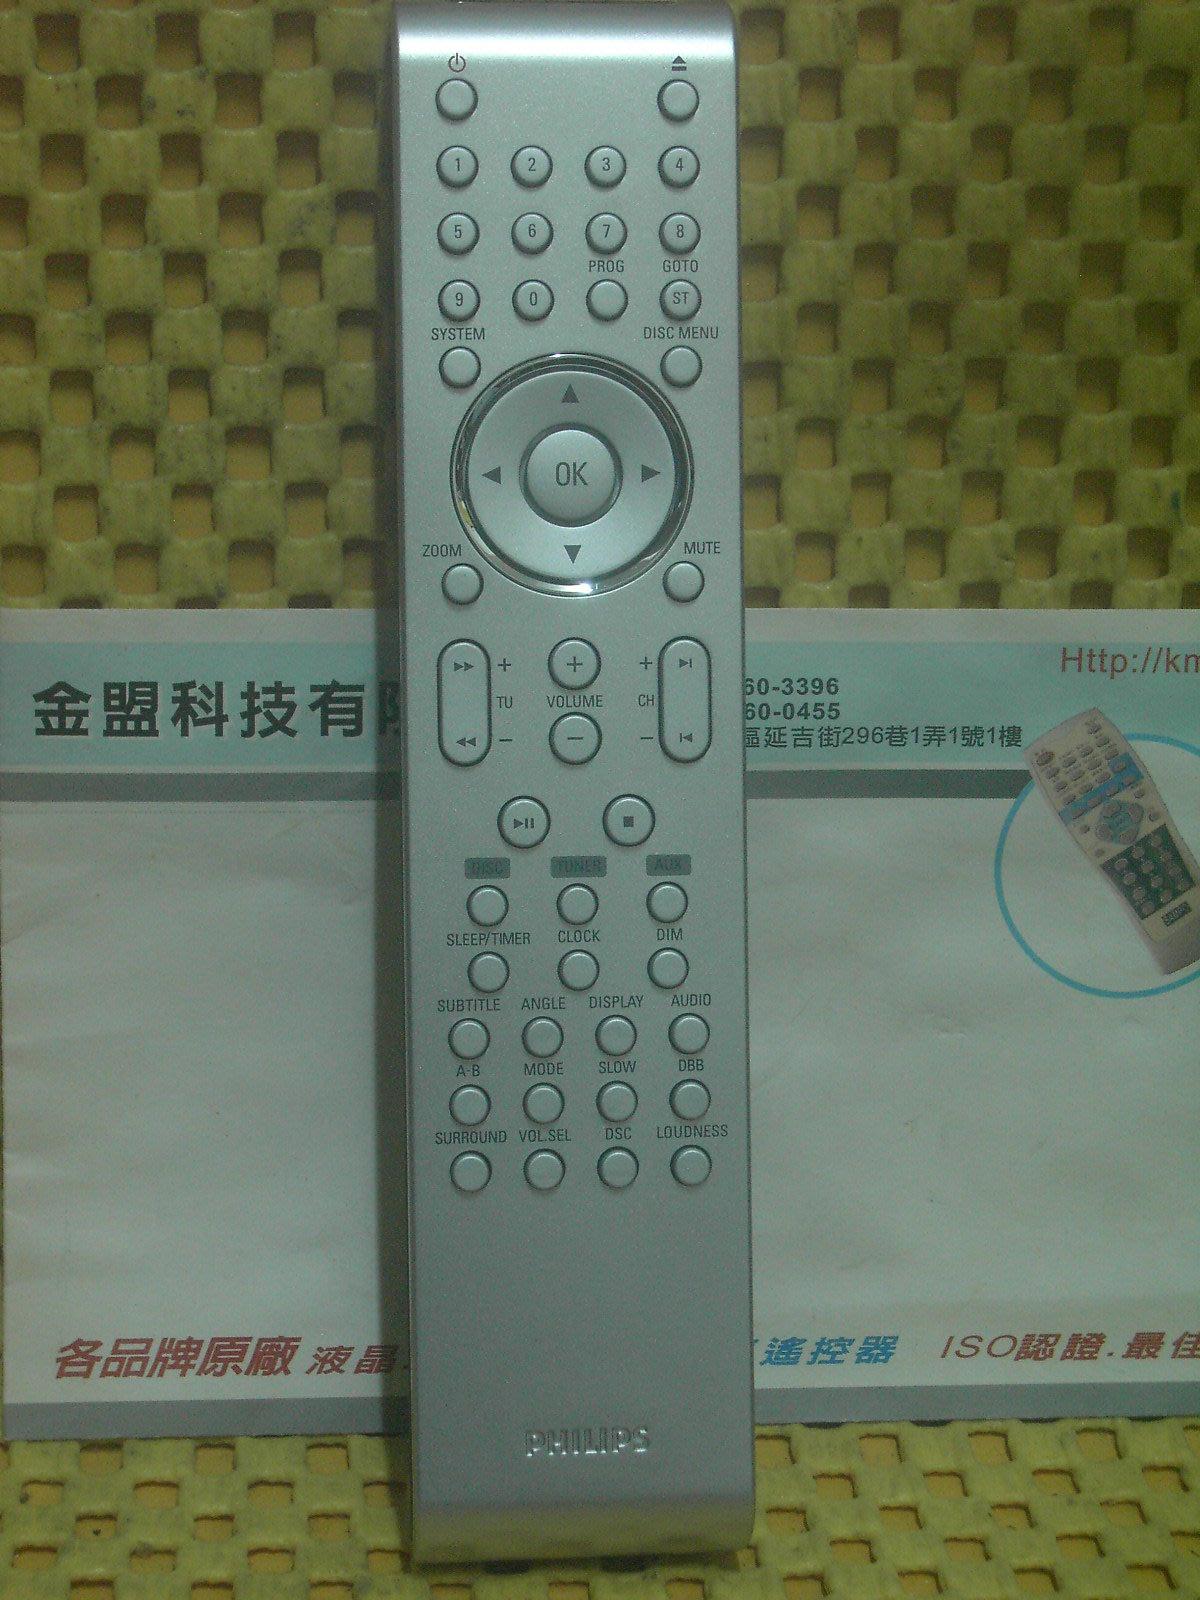 全新原裝 PHILIPS 飛利浦 MCD702 劇院音響 MCD708. MCD709 原廠遙控器 PRC502-02